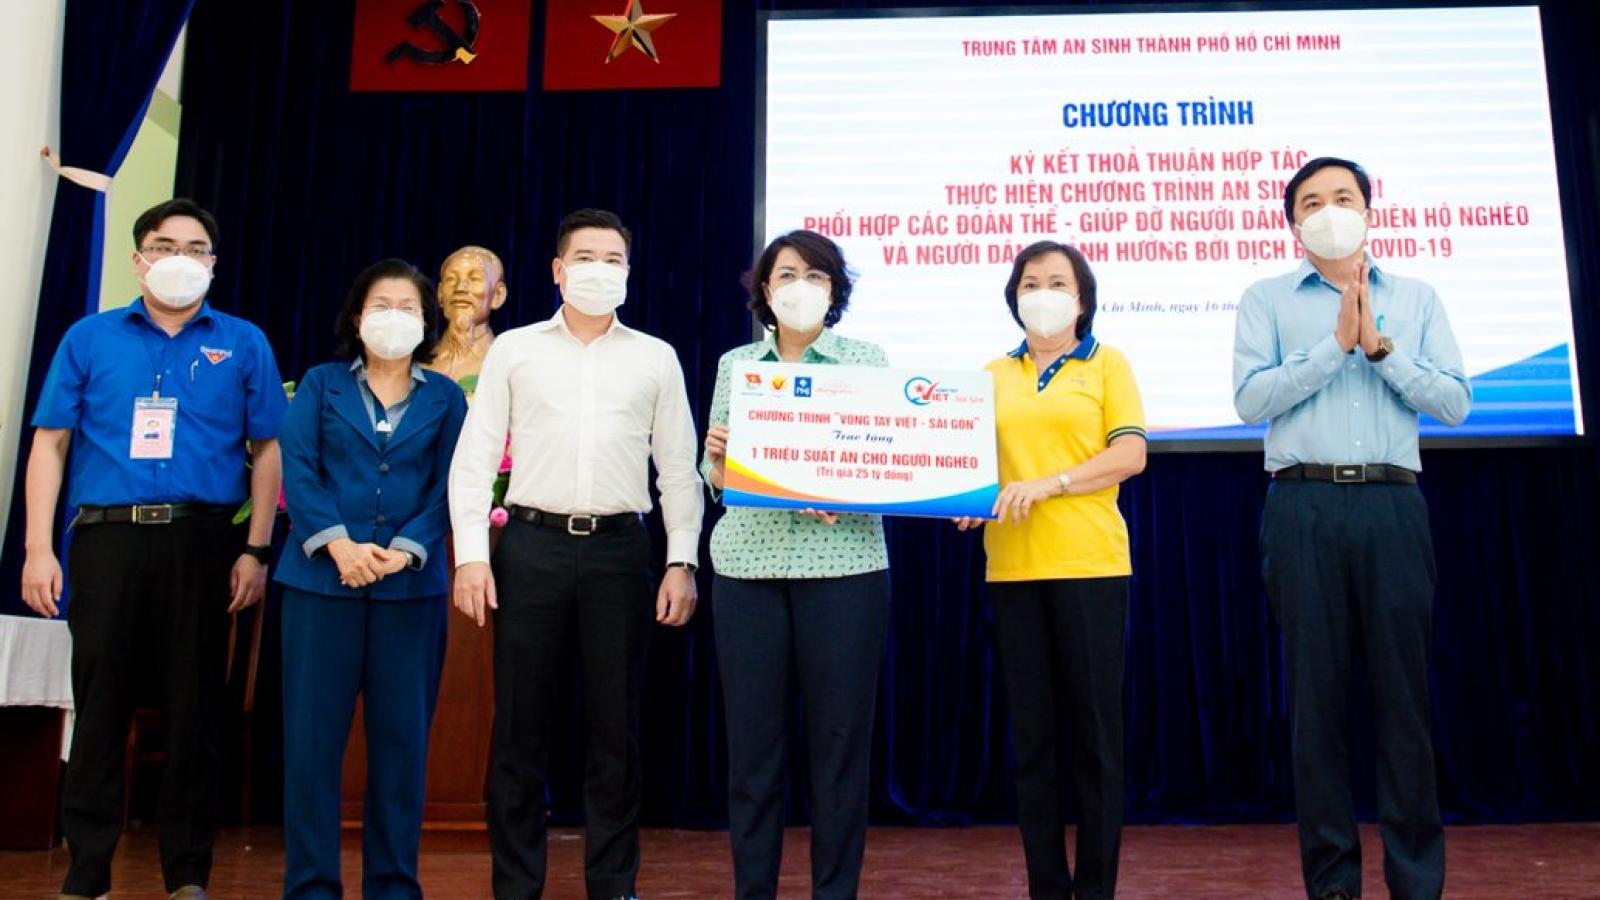 Tập đoàn Hưng Thịnh tiếp tục ủng hộ 10 tỷ hỗ trợ quỹ suất ăn cho người nghèo